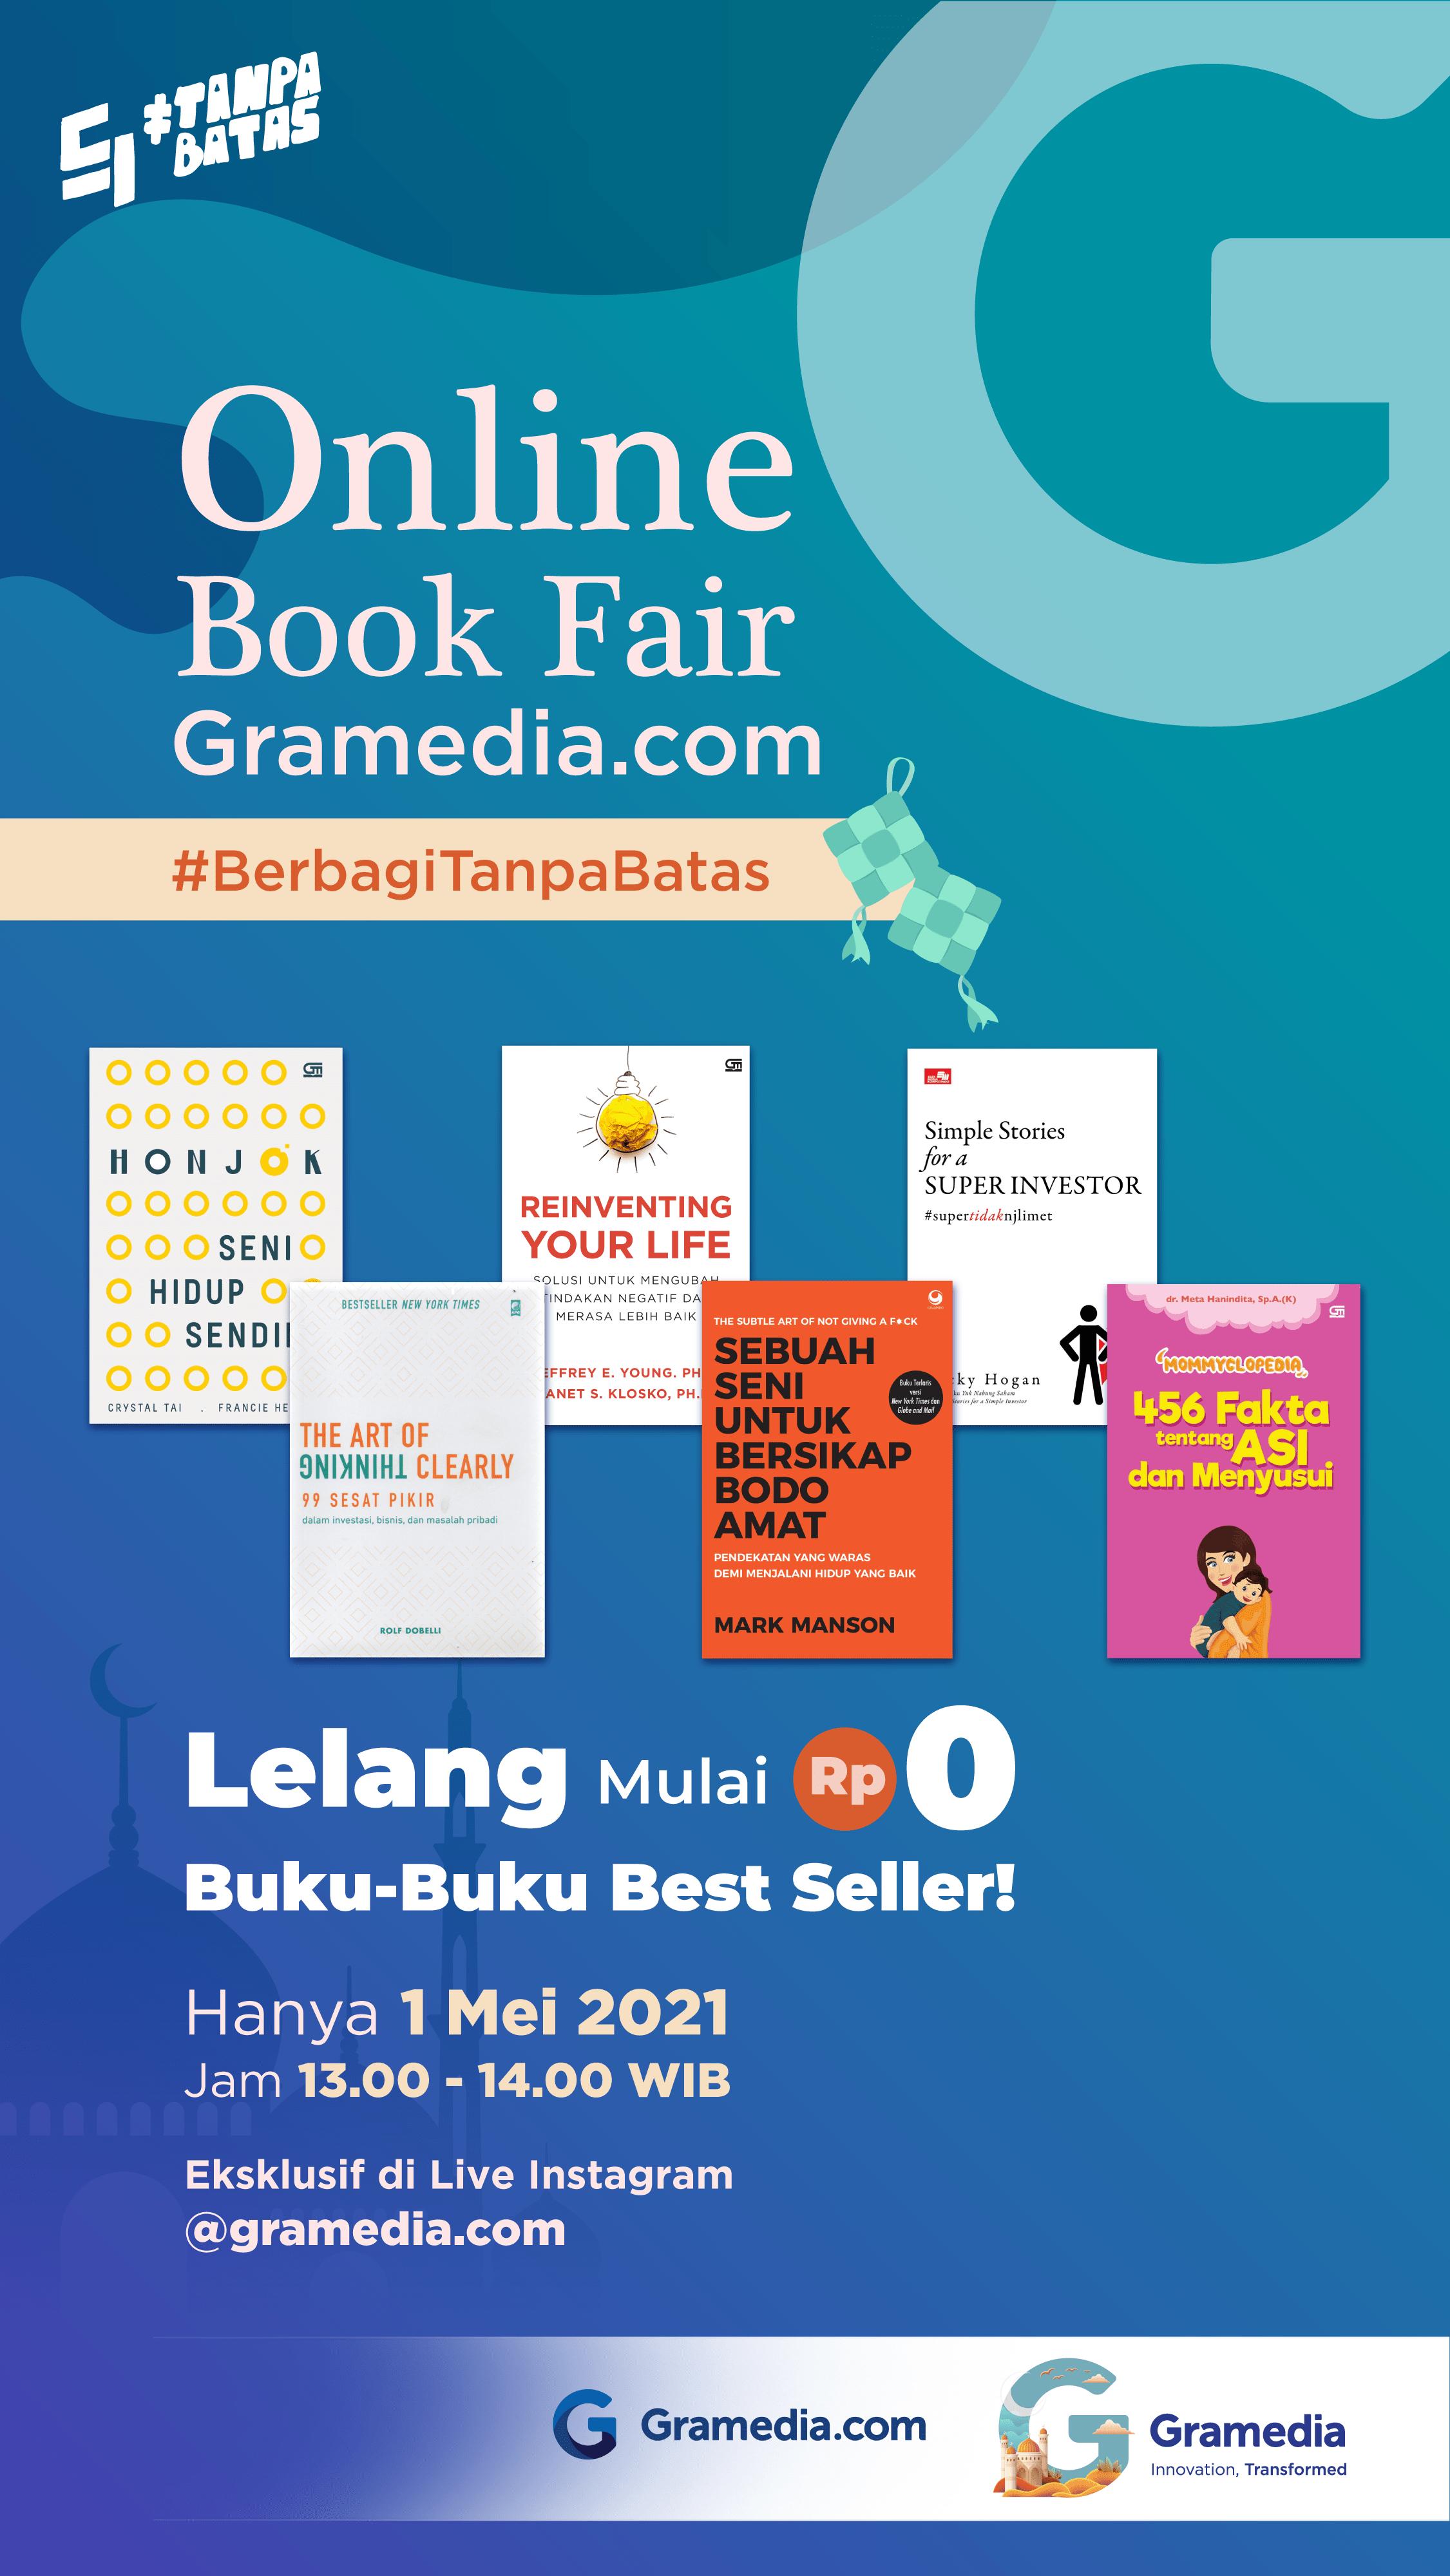 Berkah Ramadan dari Online Book Fair #BerbagiTanpaBatas, Diskon Hingga 90%!